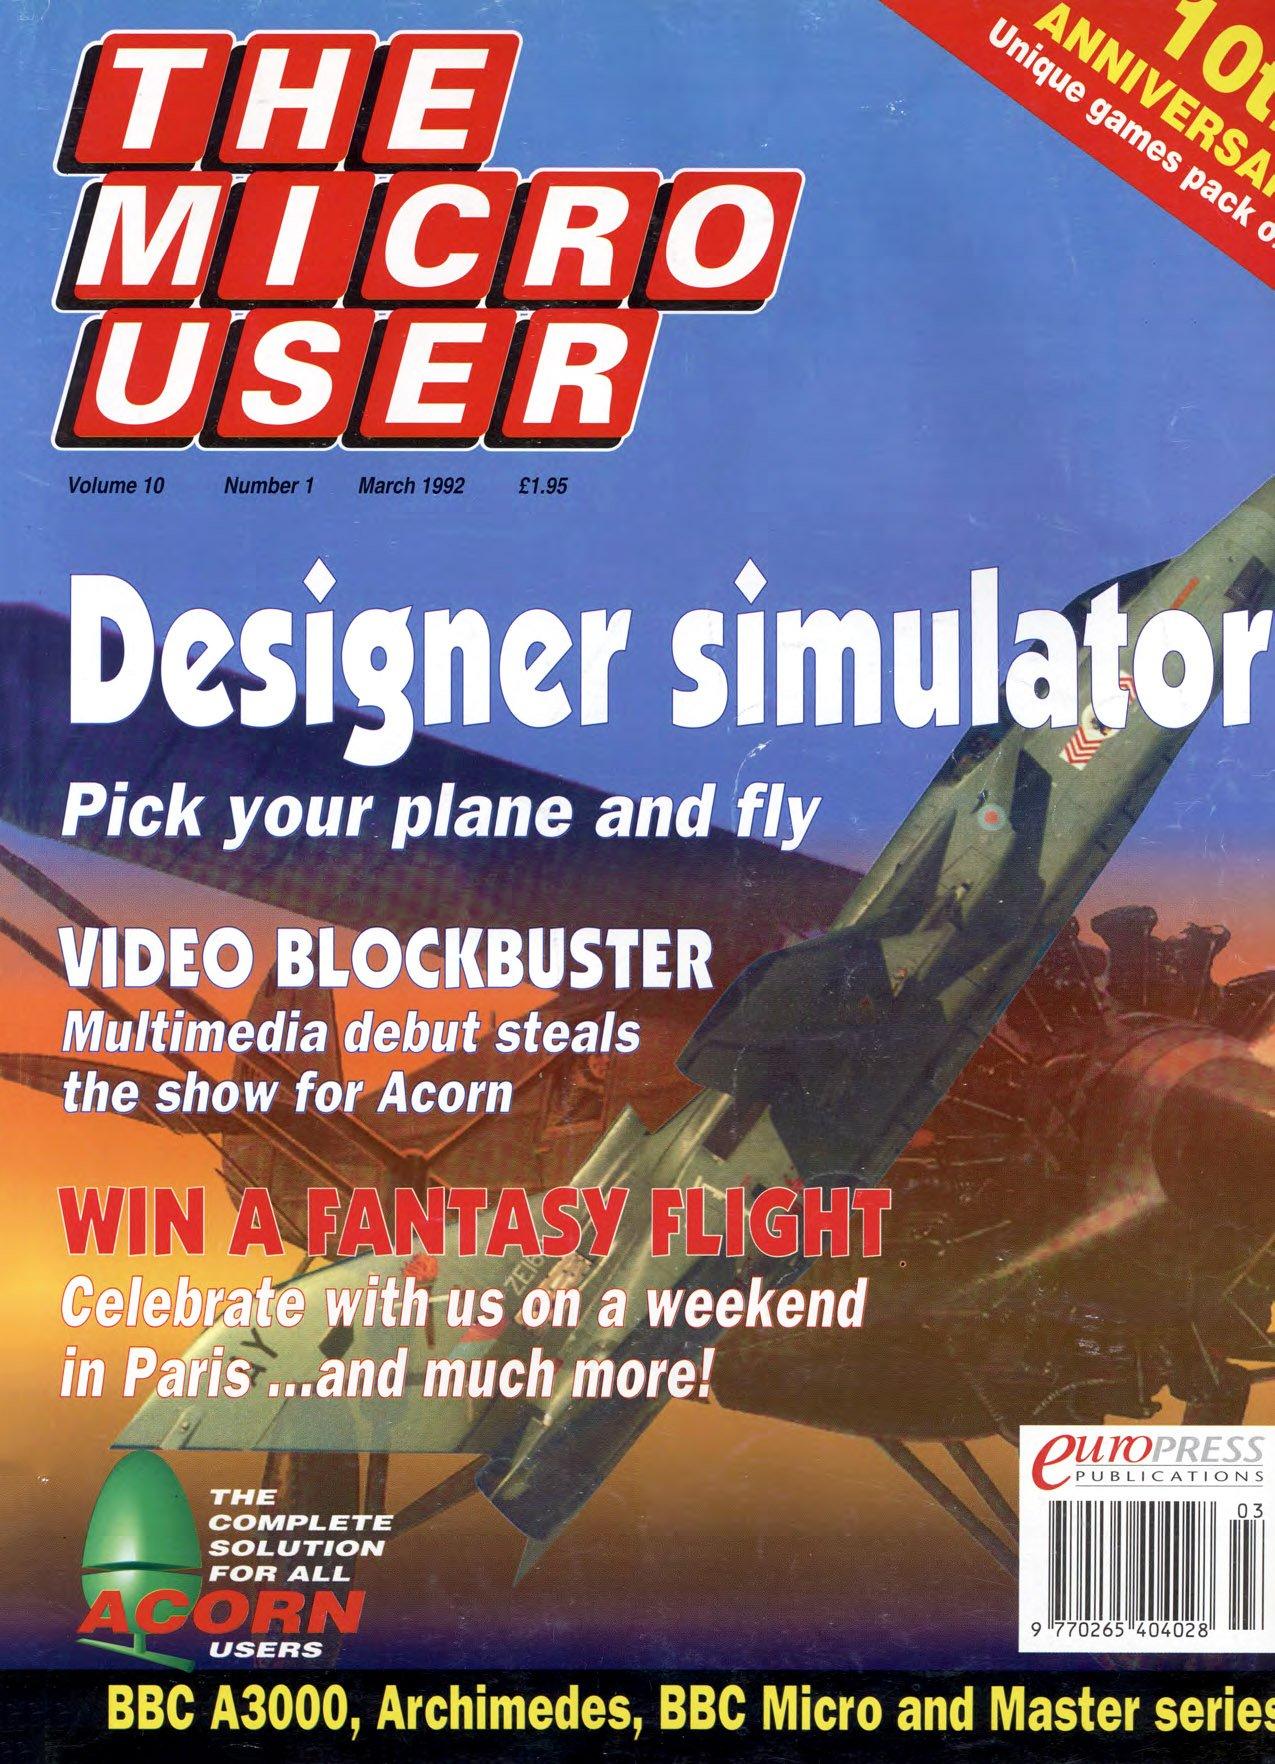 The Micro User Vol.10 No.01 (March 1992)